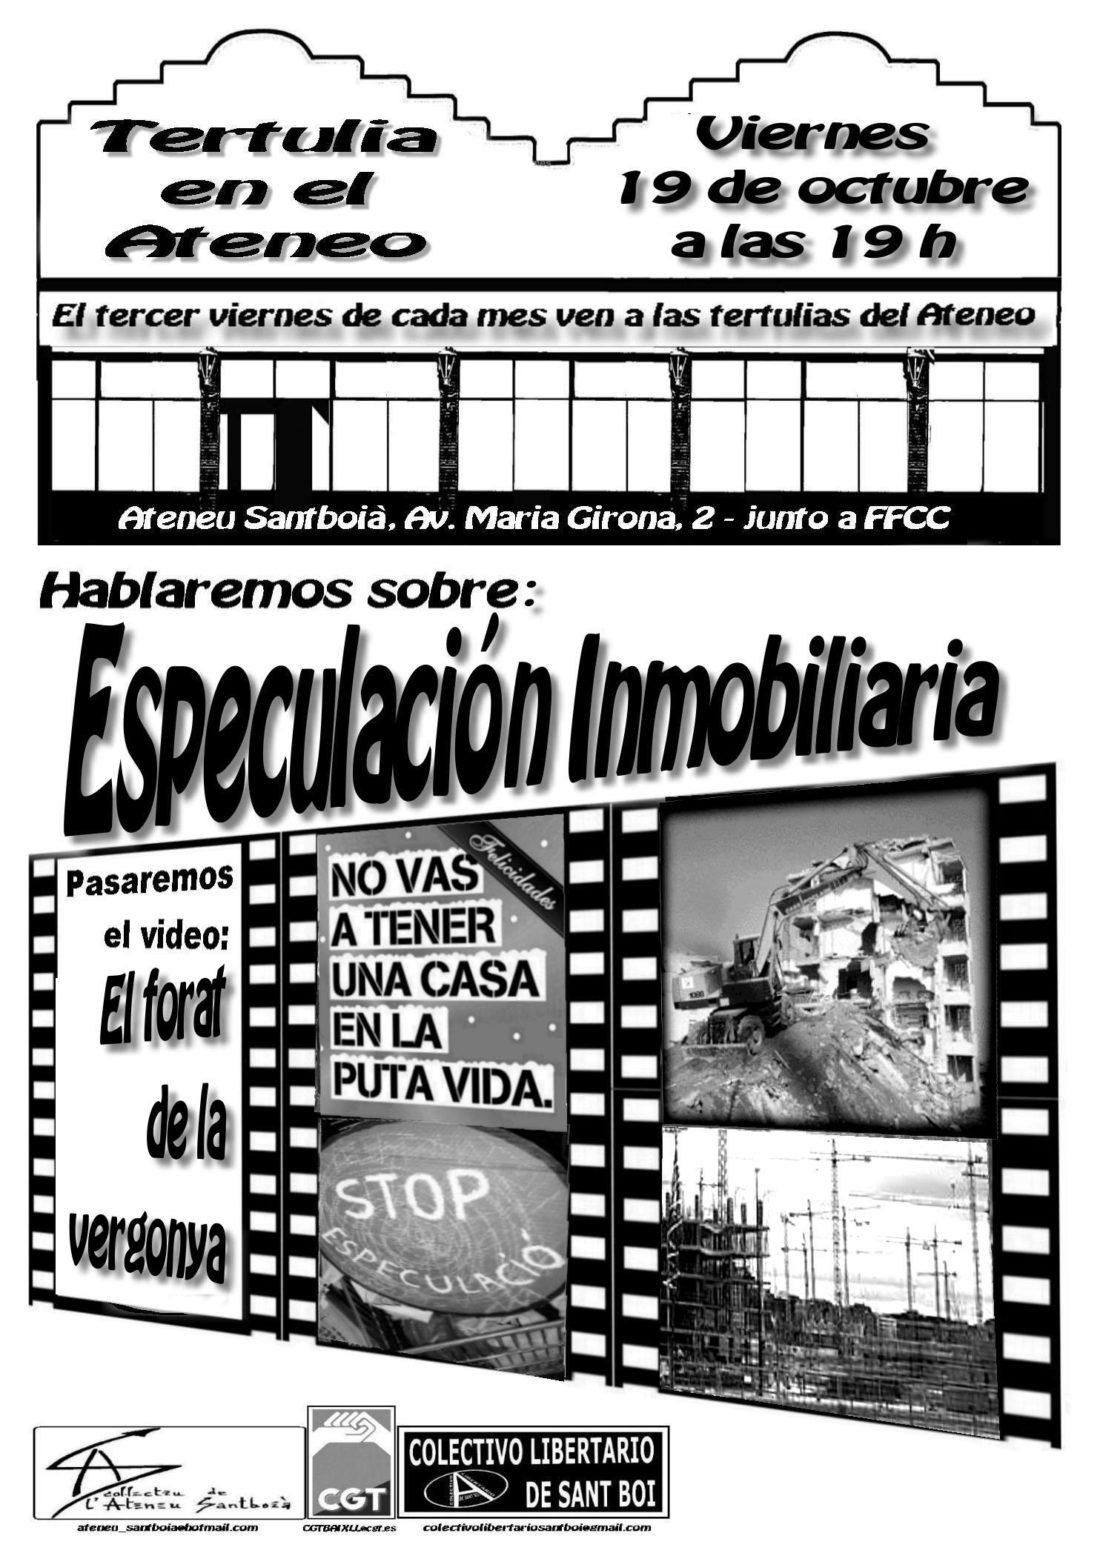 19 octubre -Tertulia en el Ateneu Santboià: Especulación Inmobiliaria